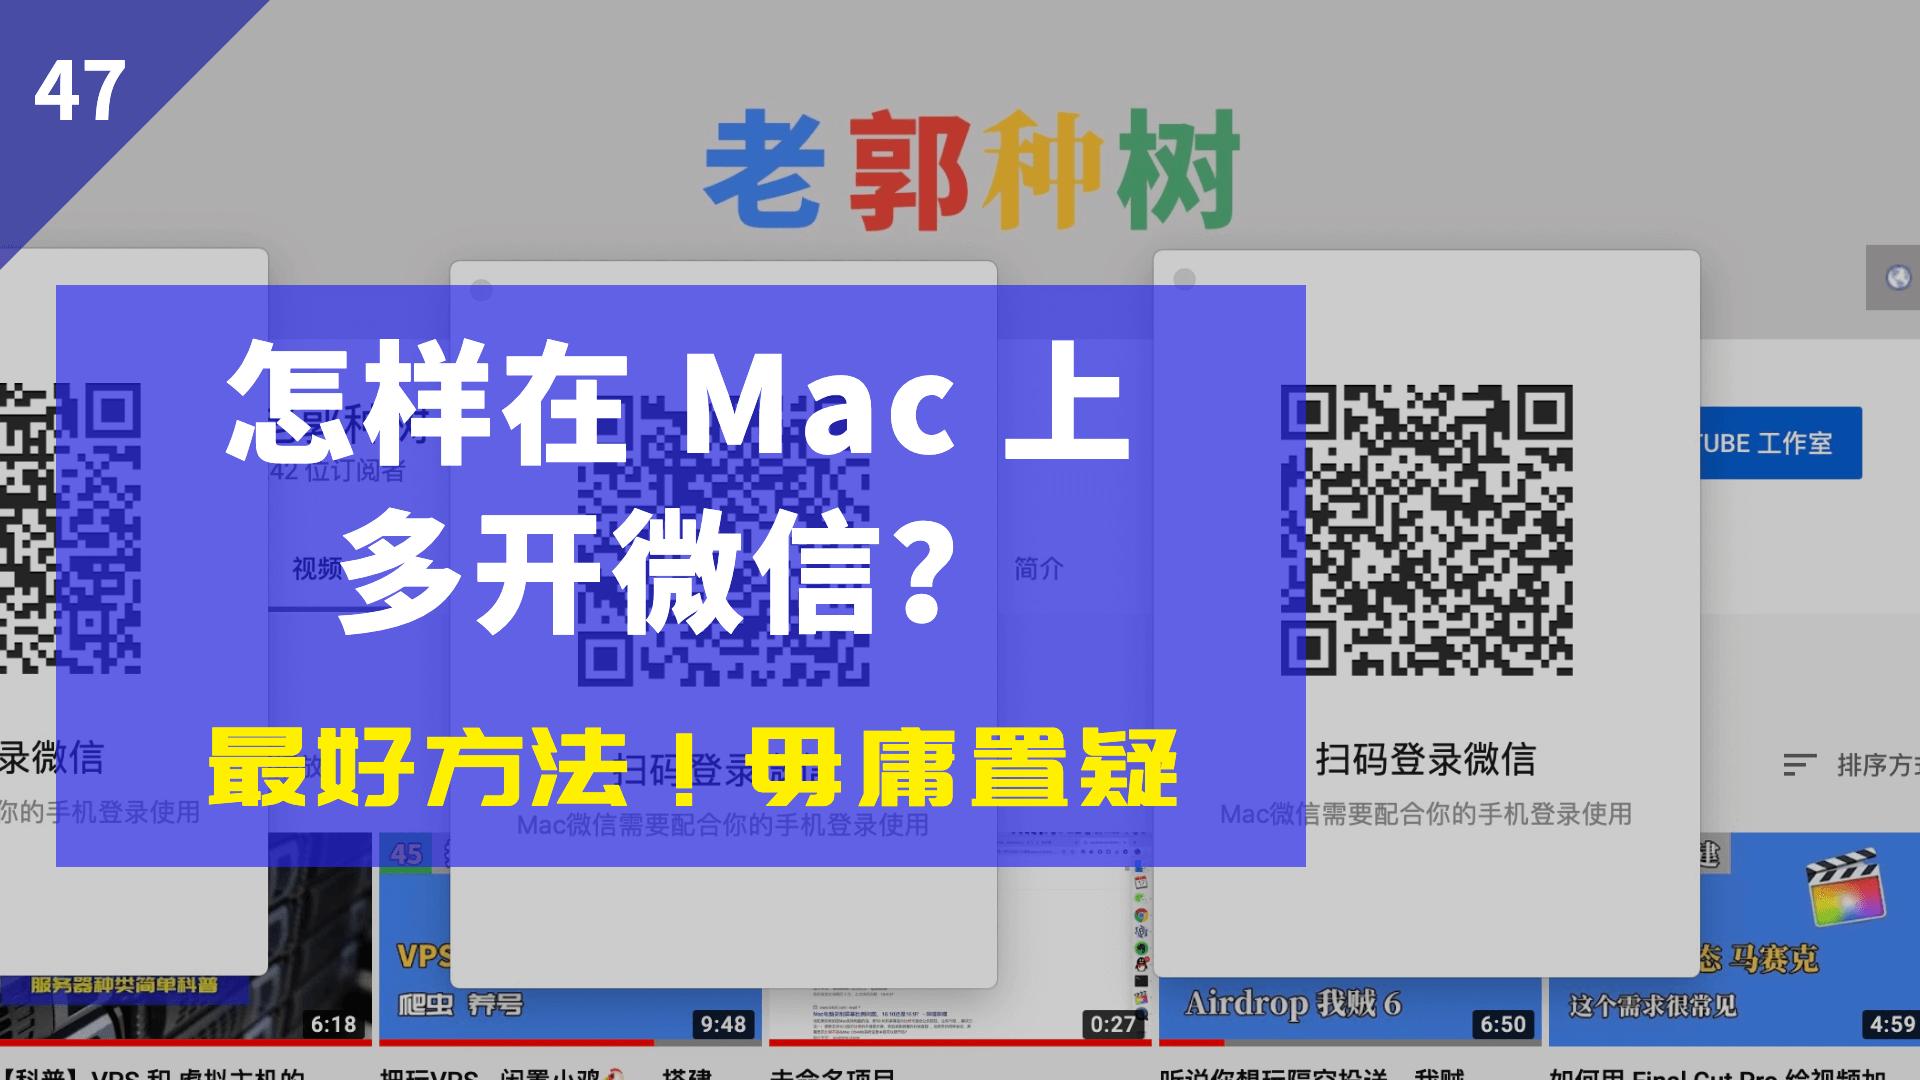 《2020 怎样在 Mac 上多开微信,这是最好的方法,毋庸置疑》